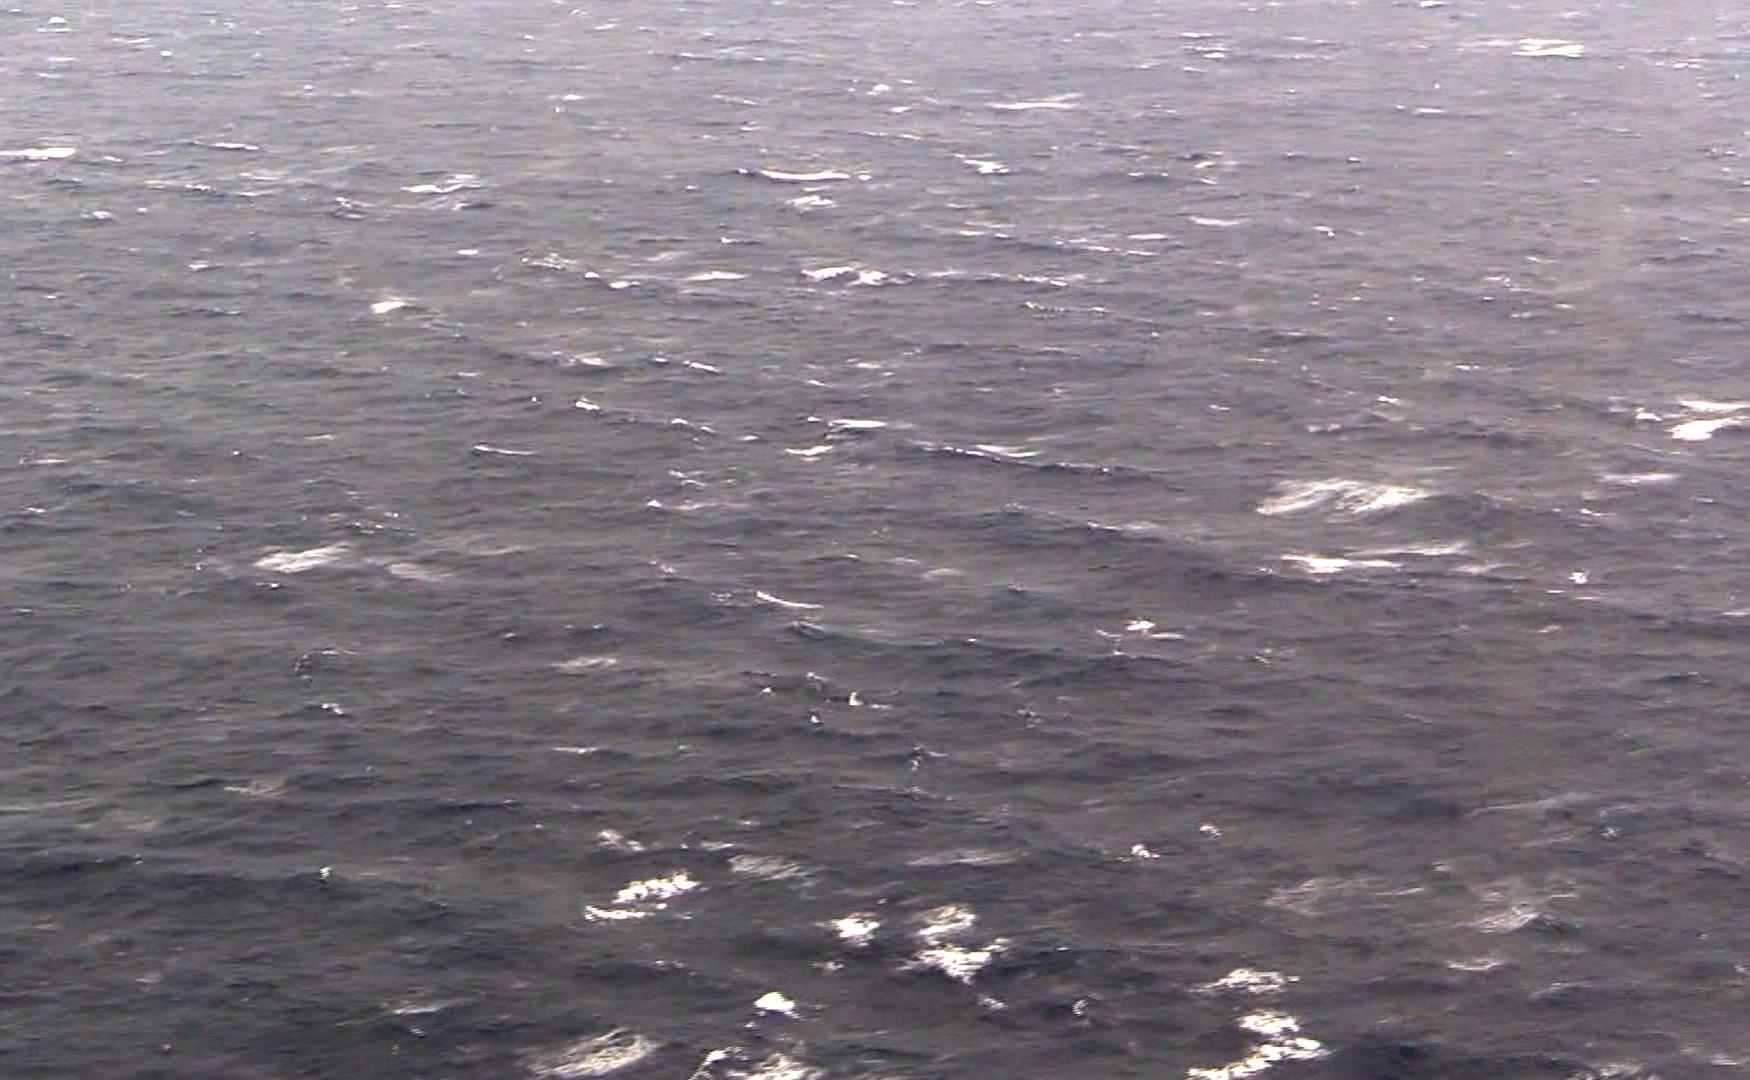 قتلى جراء غرق سفينة شحن أوكرانية قبالة سواحل تركيا